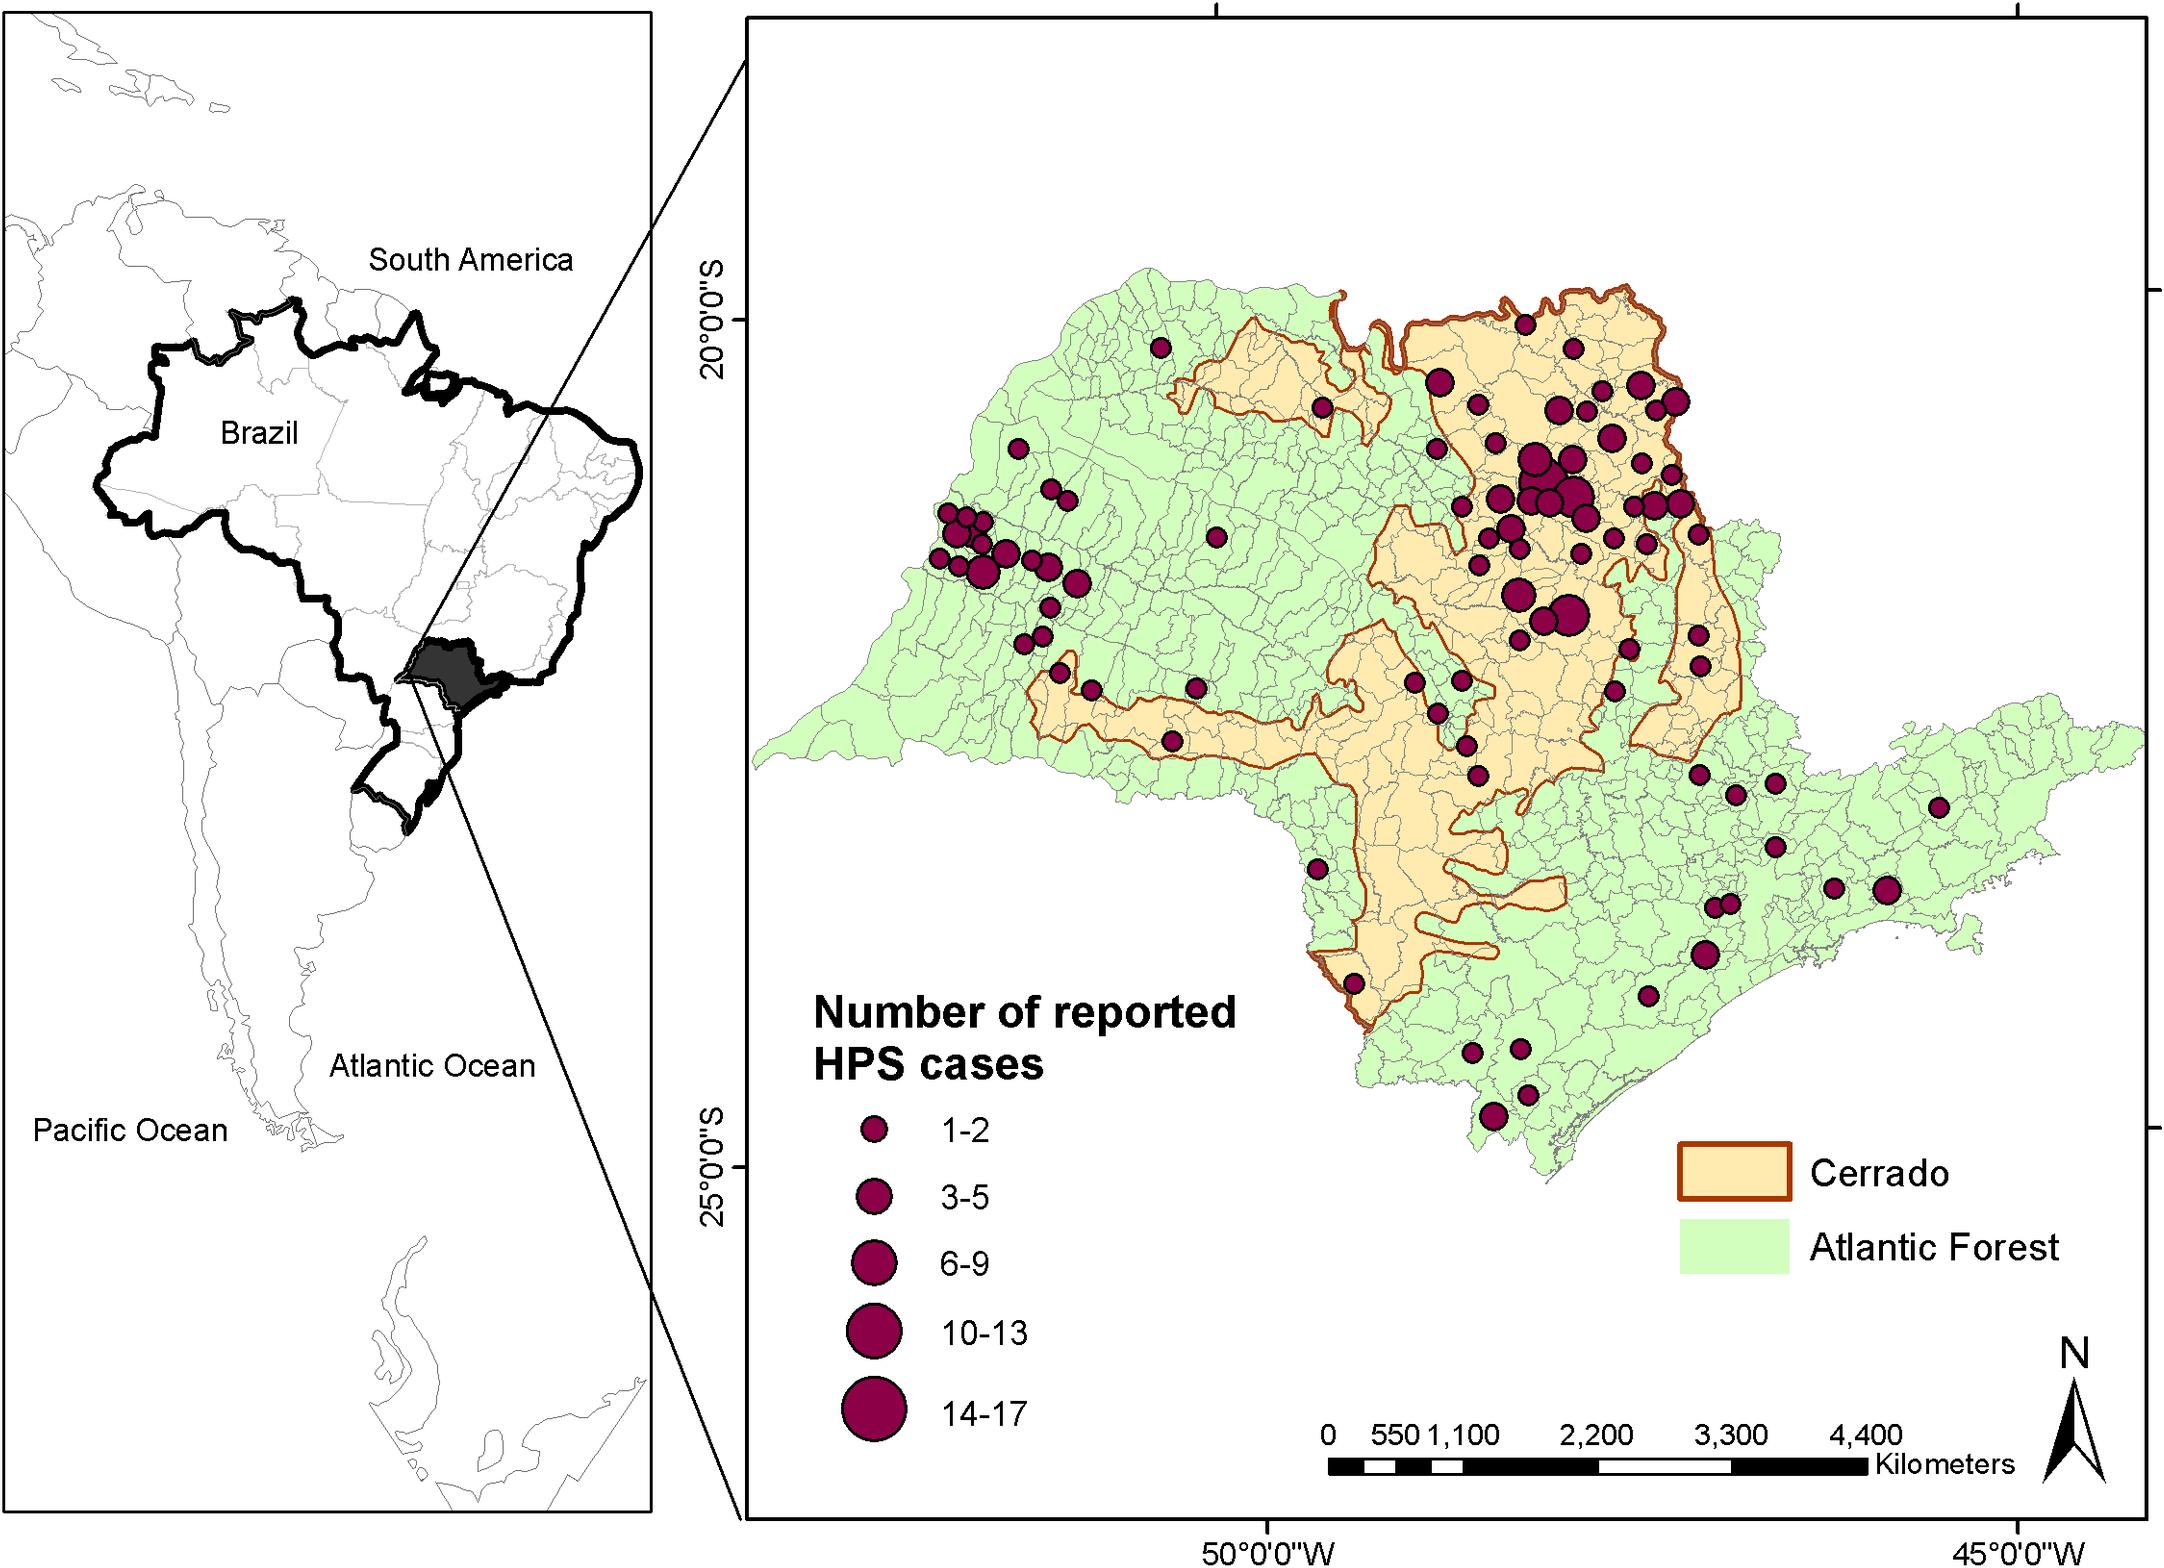 Incidência de hantavírus entre 1993 e 2012 nos 645 municípios do estado de São Paulo, e delimitação do cerrado (em laranja) e da Mata Atlântica (em verde) no estado.